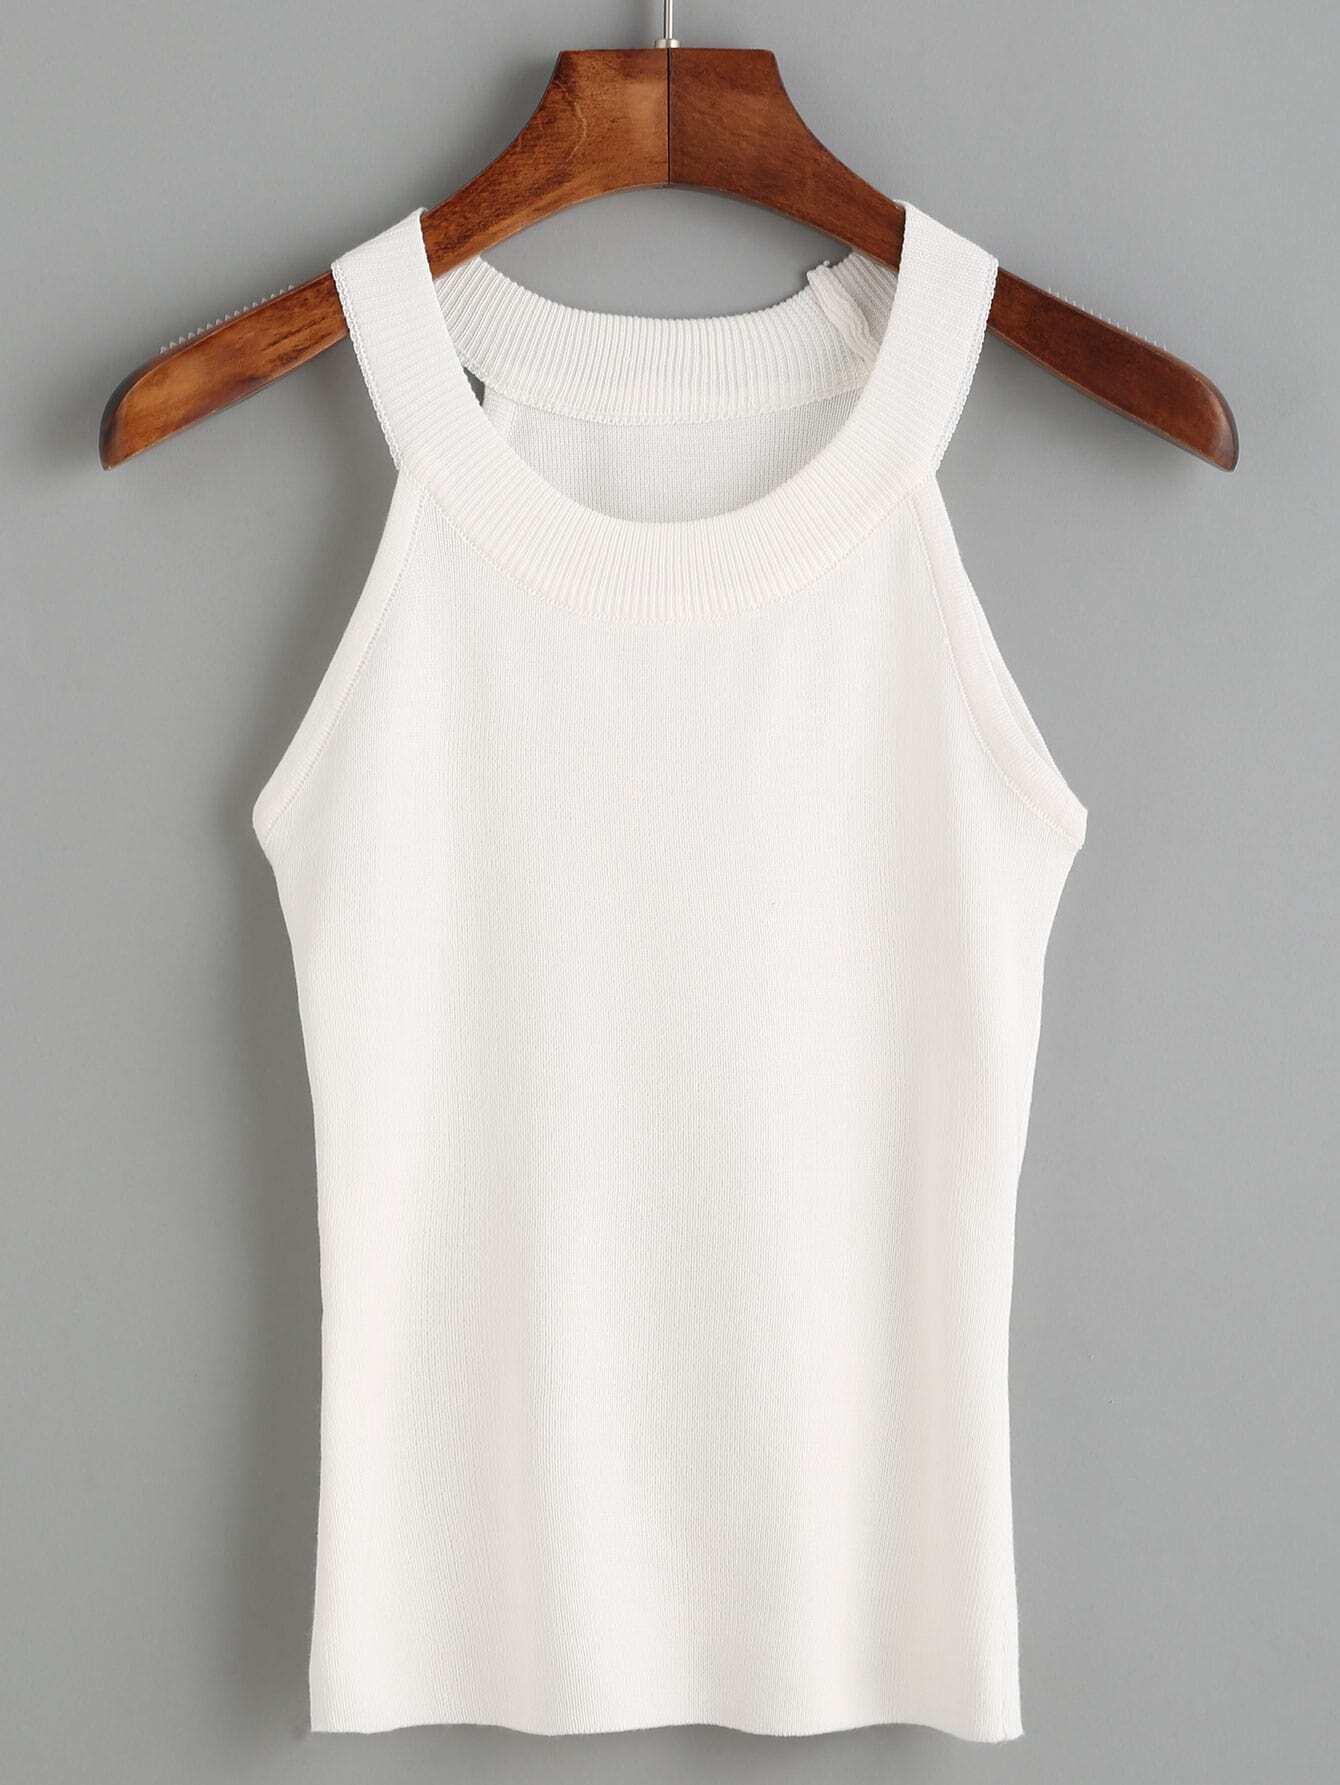 White Knit Halter Neck TopFor Women-romwe